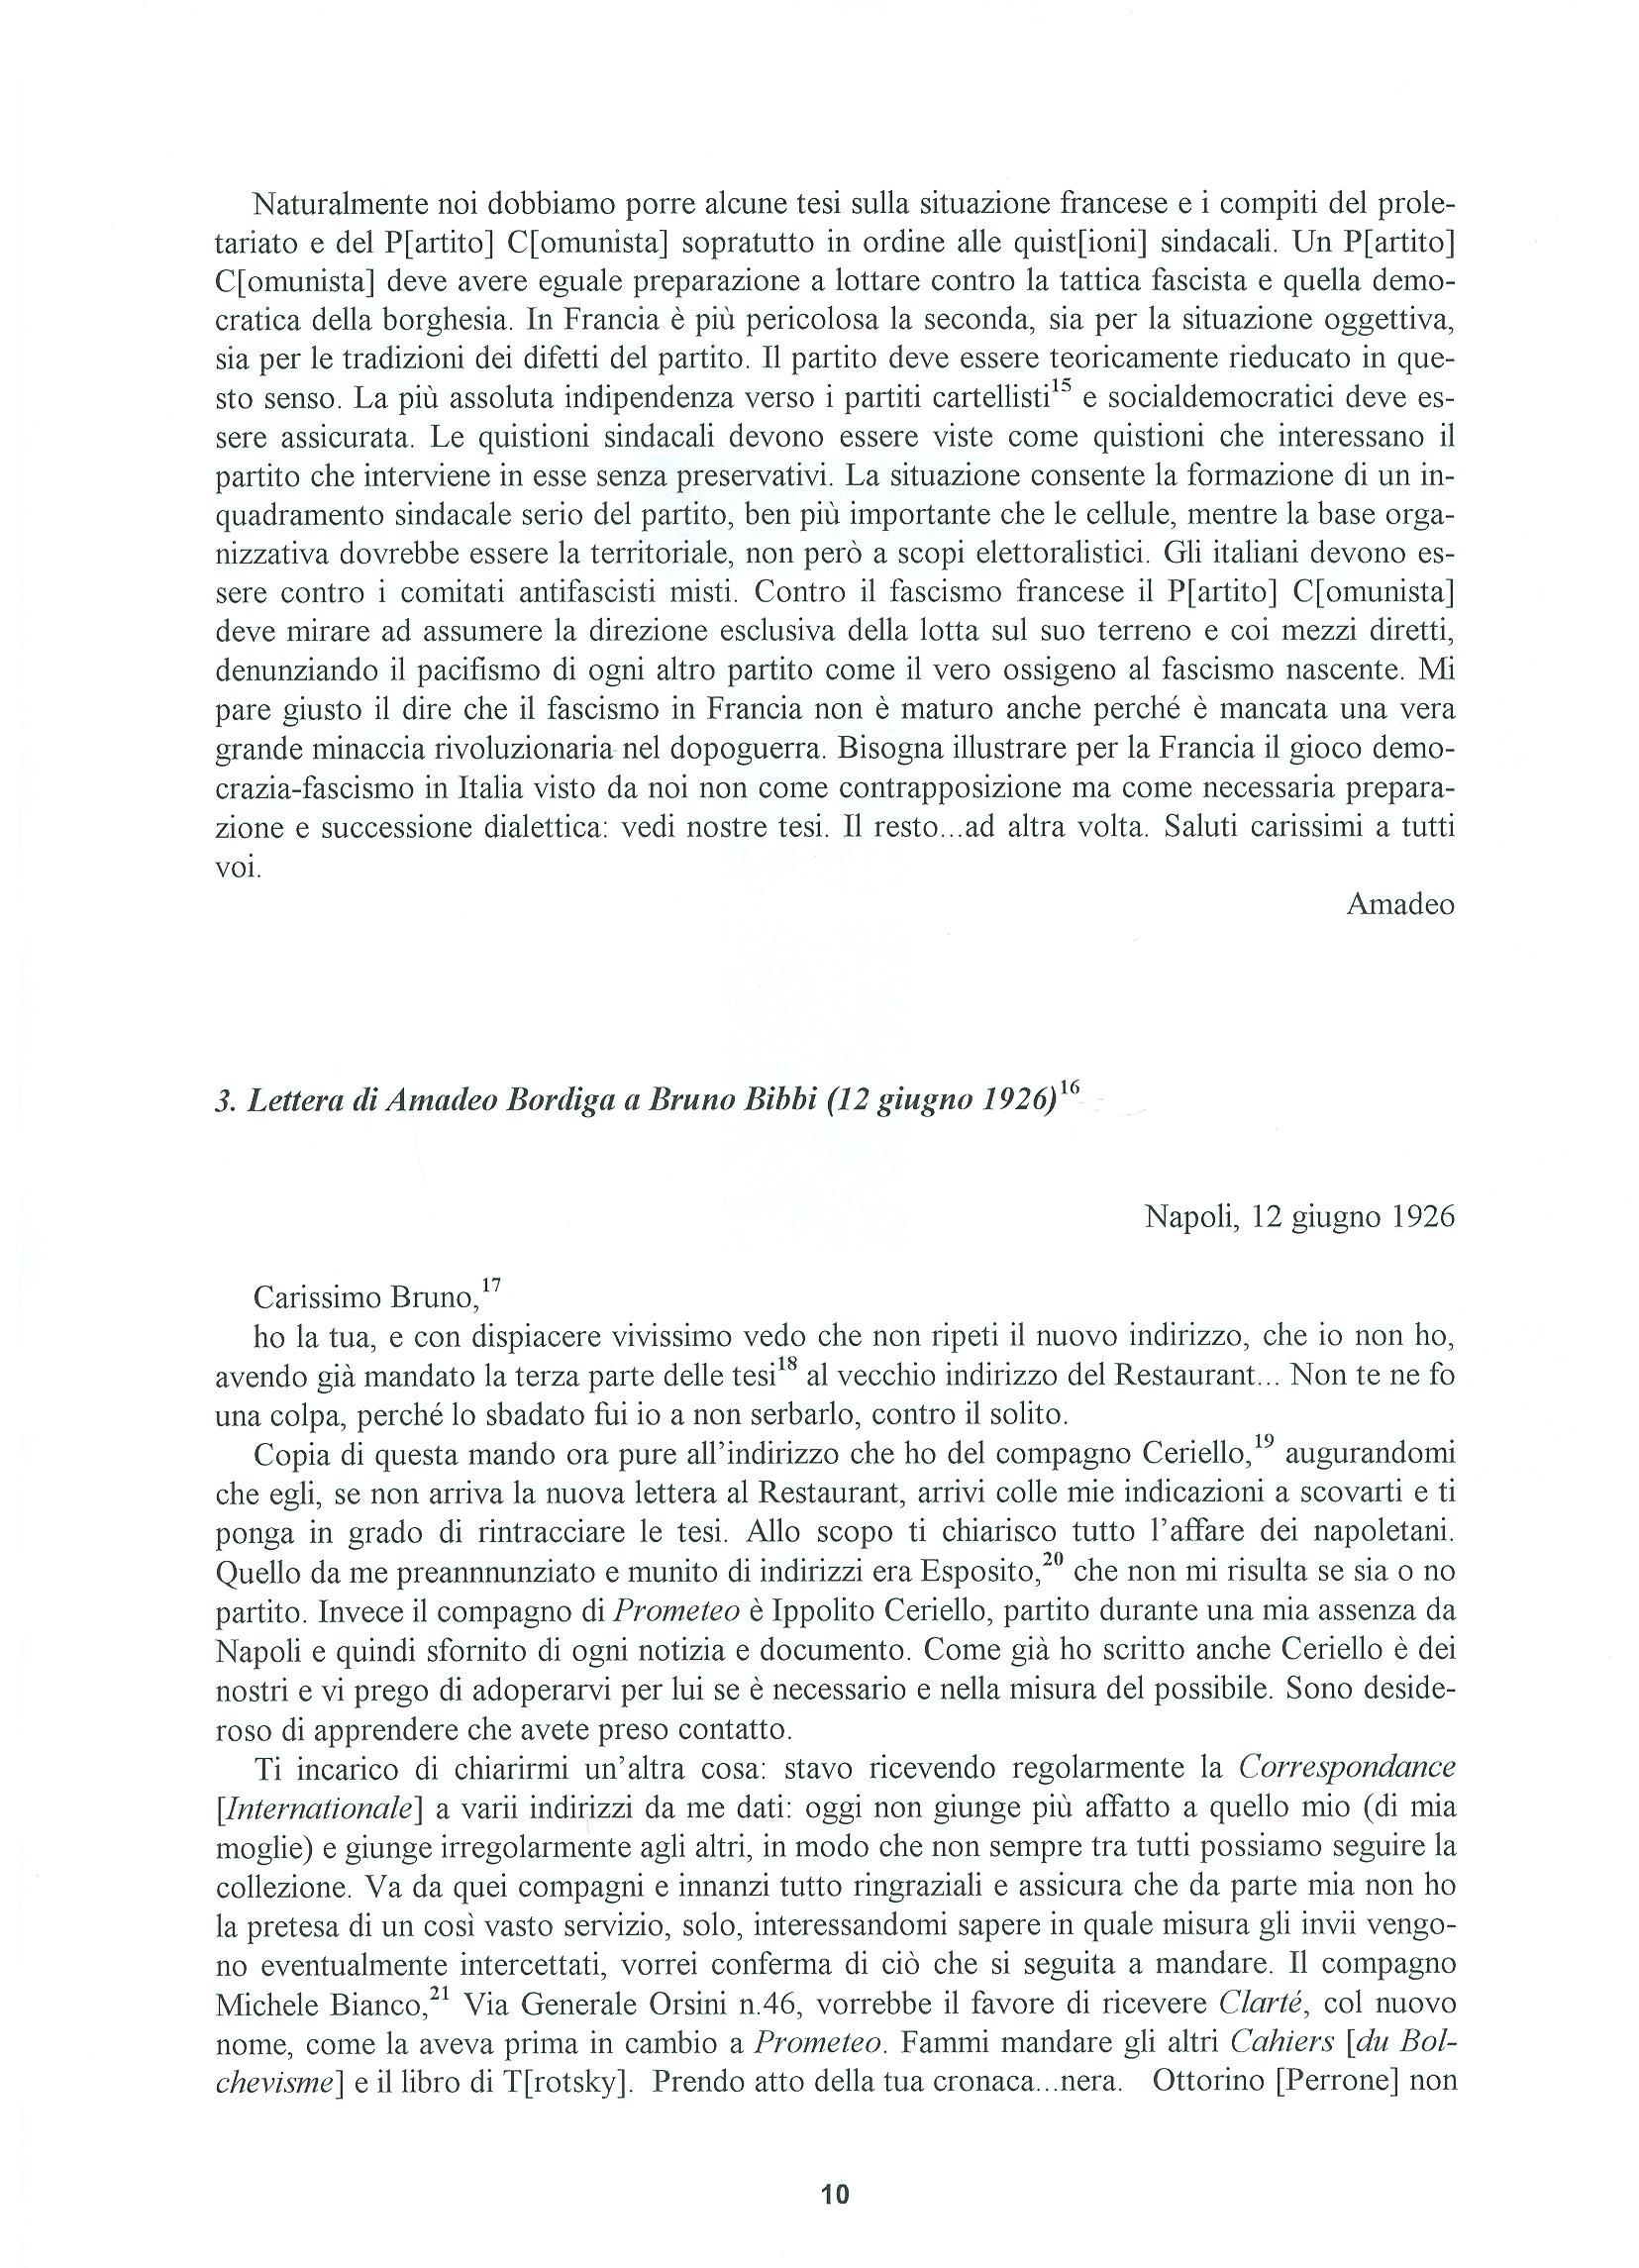 Quaderni del Centro Studi Pietro Tresso (1996-2009) n. 14 (novembre 1998) - pag. 11